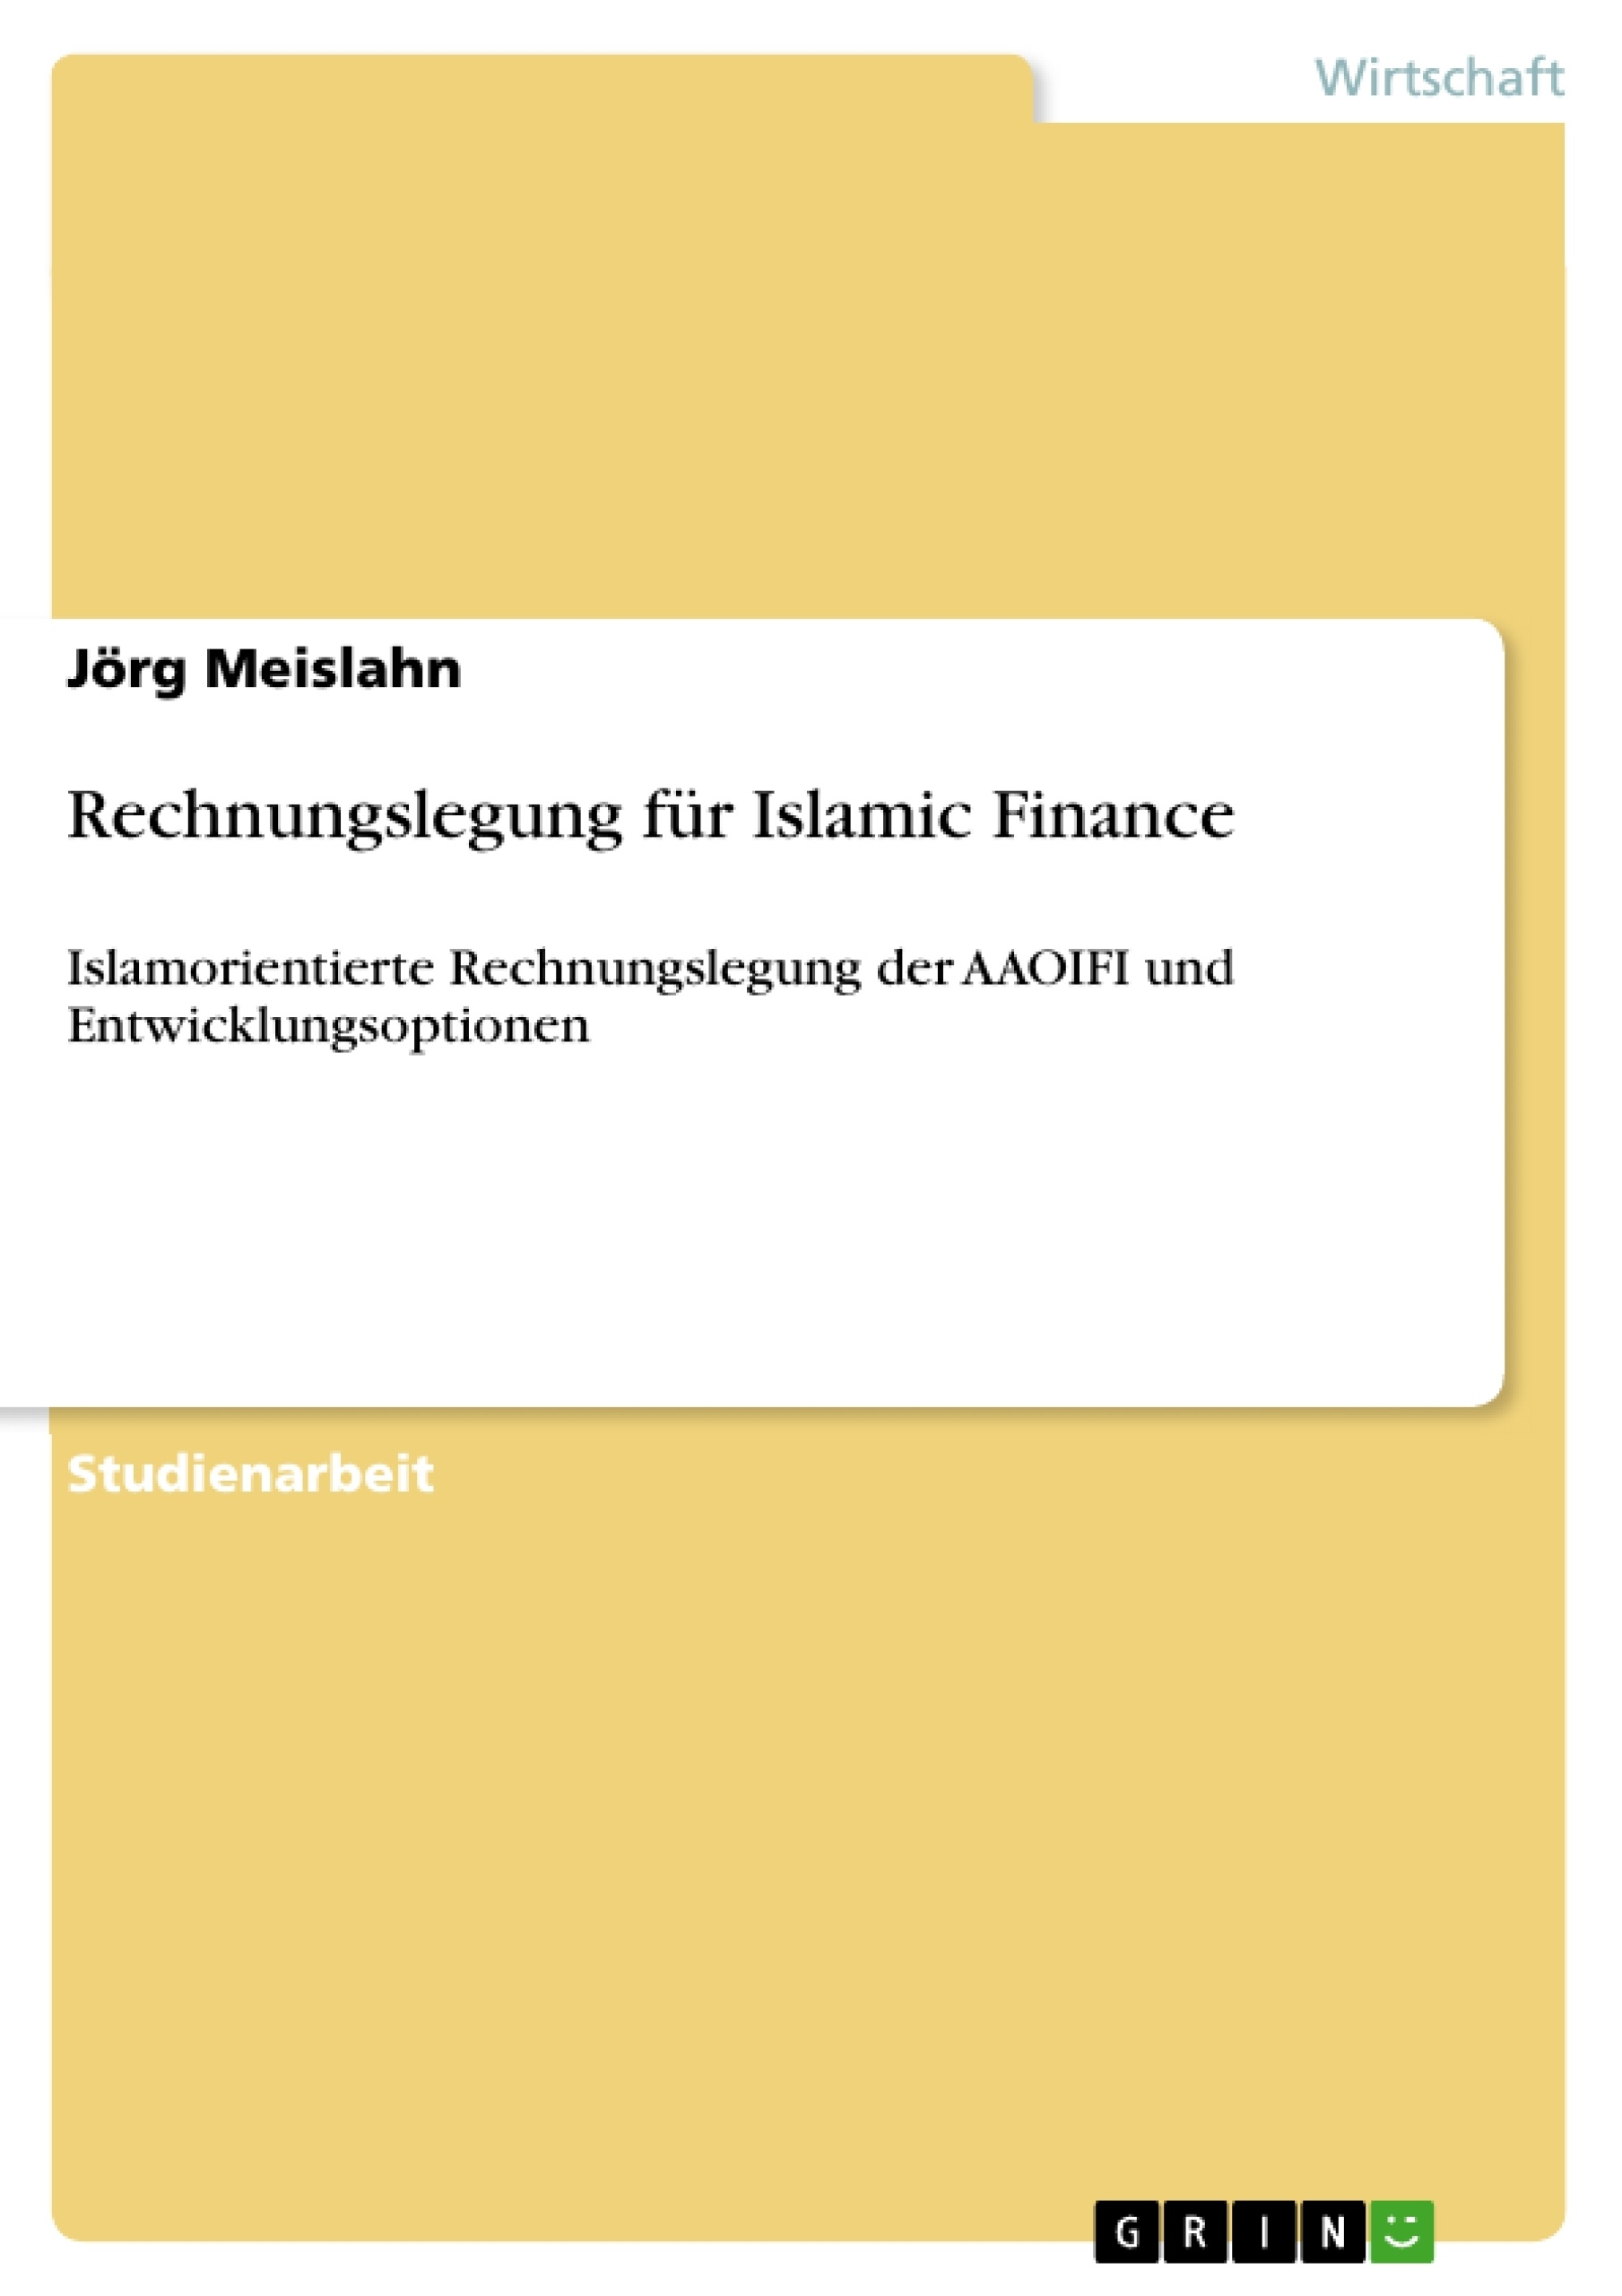 Titel: Rechnungslegung für Islamic Finance